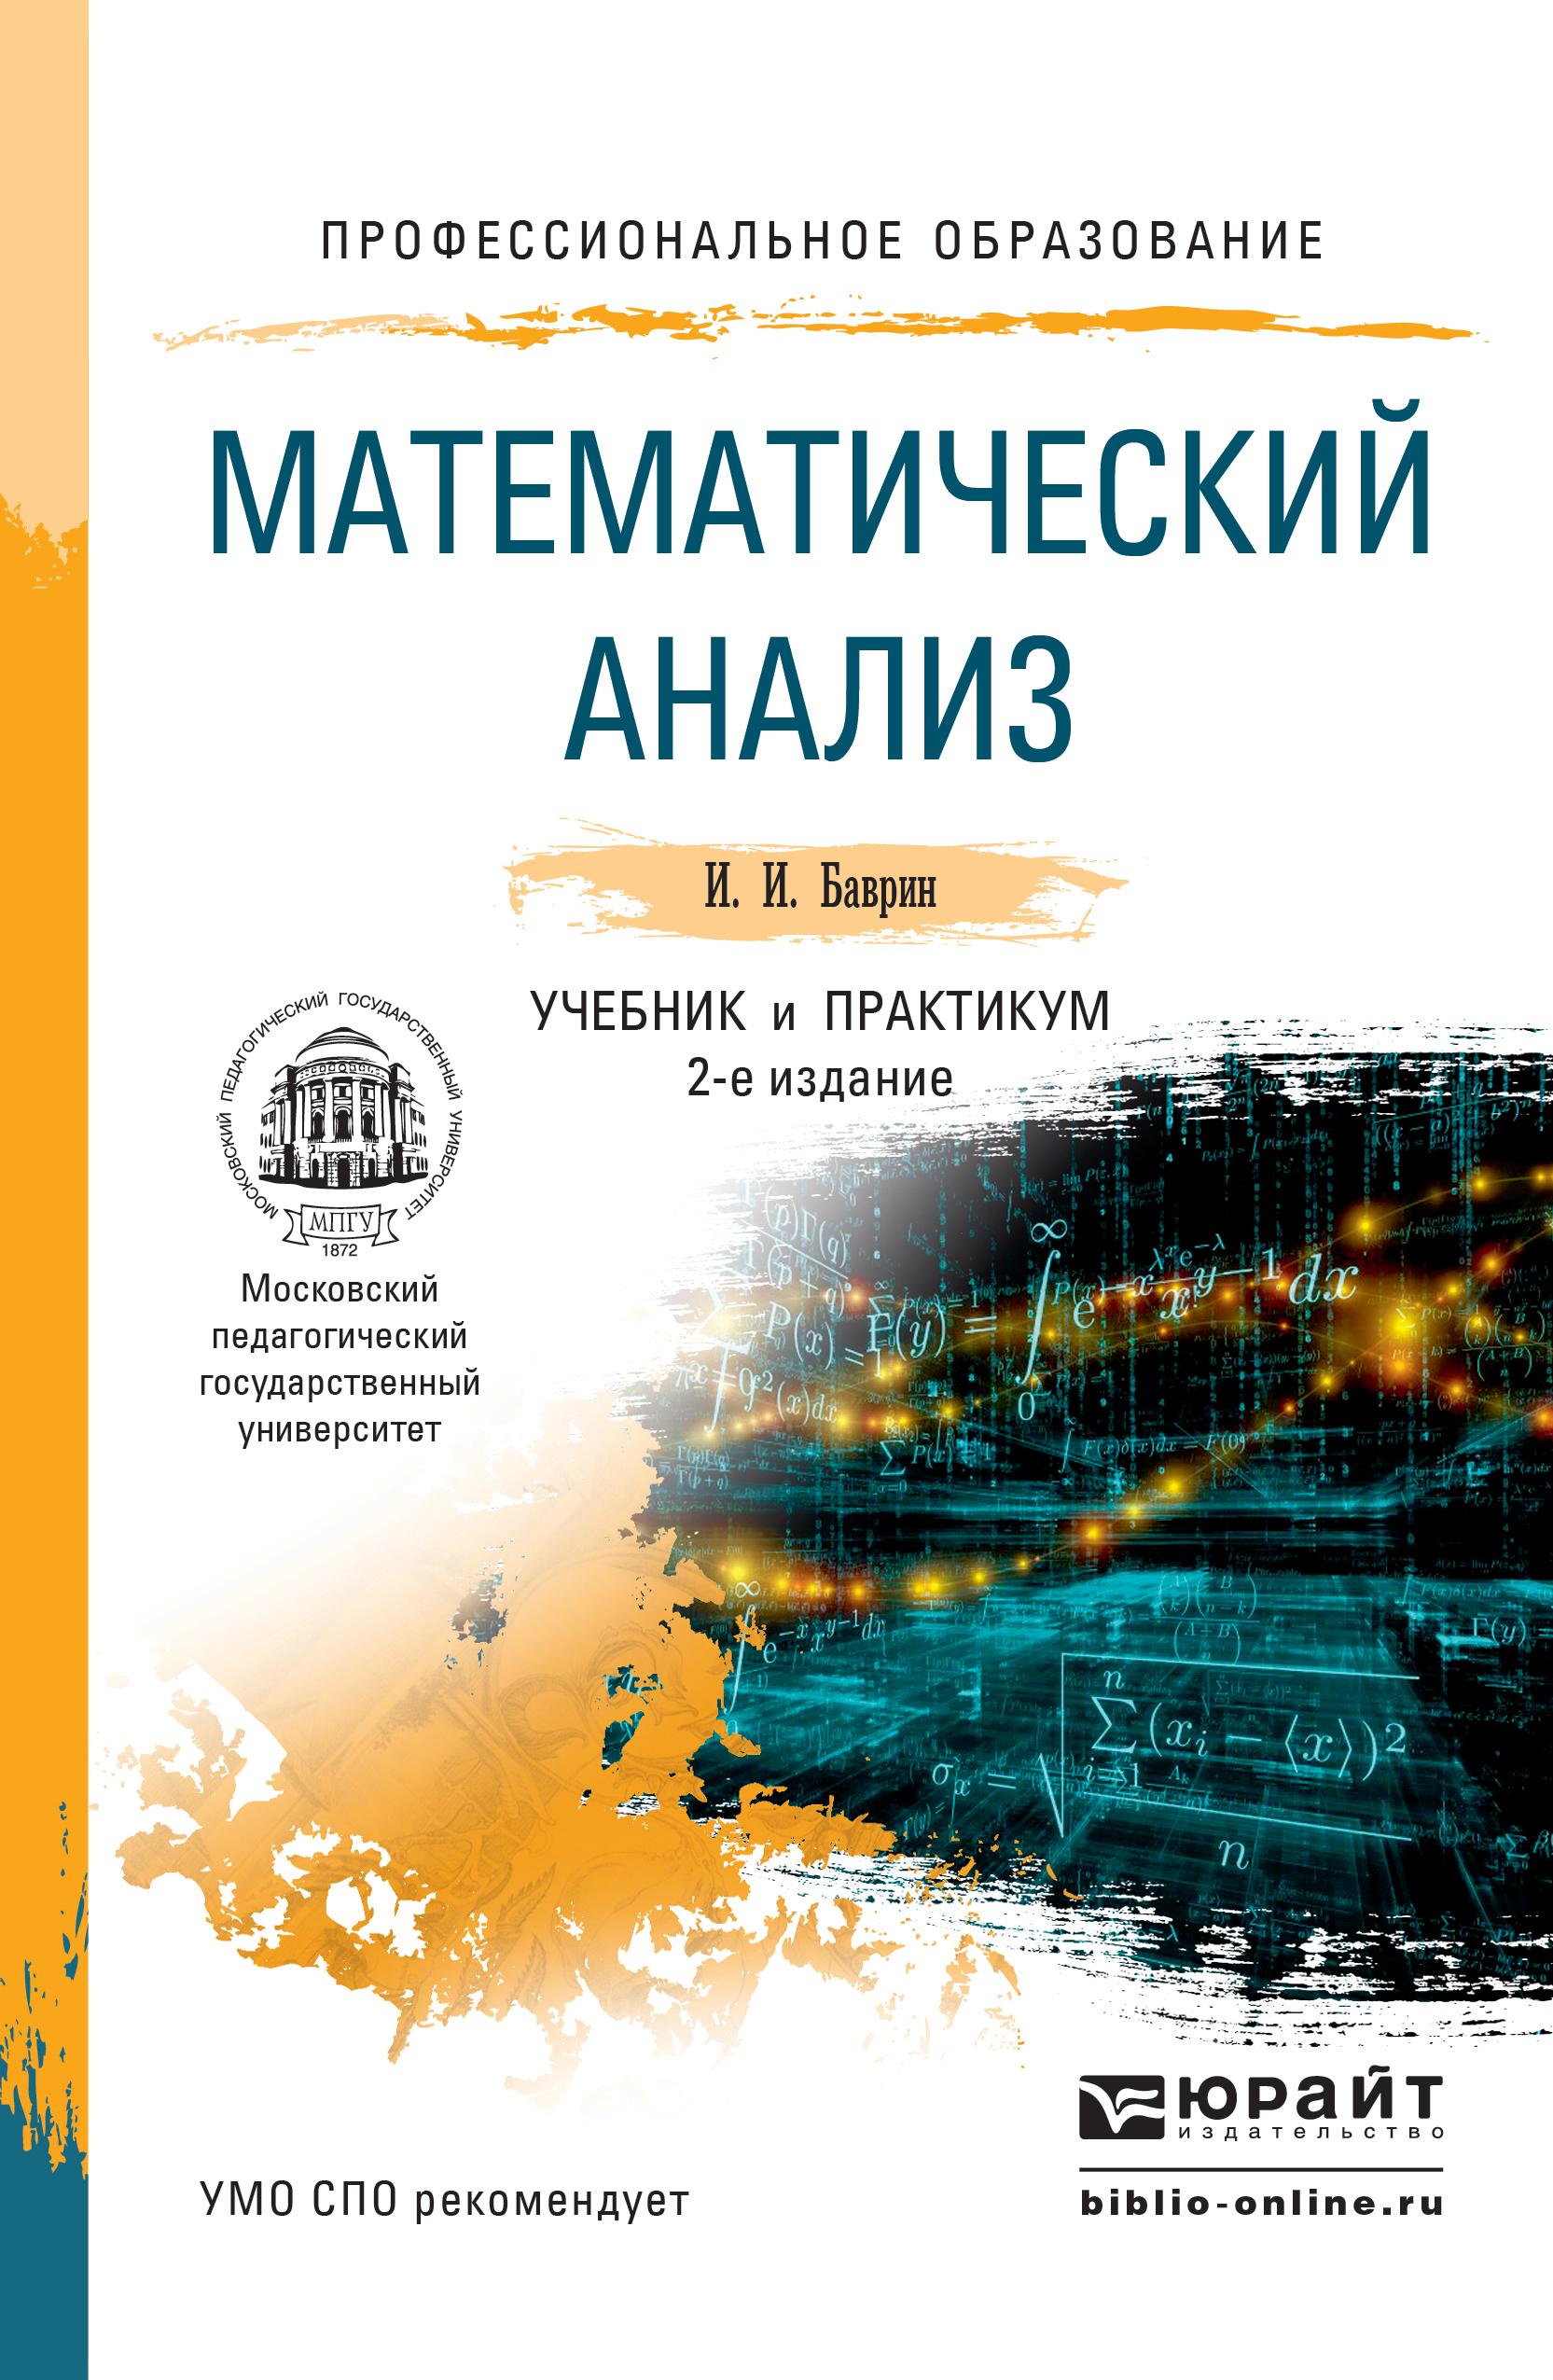 И. И. Баврин Математический анализ 2-е изд., испр. и доп. Учебник и практикум для СПО основы математического анализа учебник часть 2 9 е изд стер